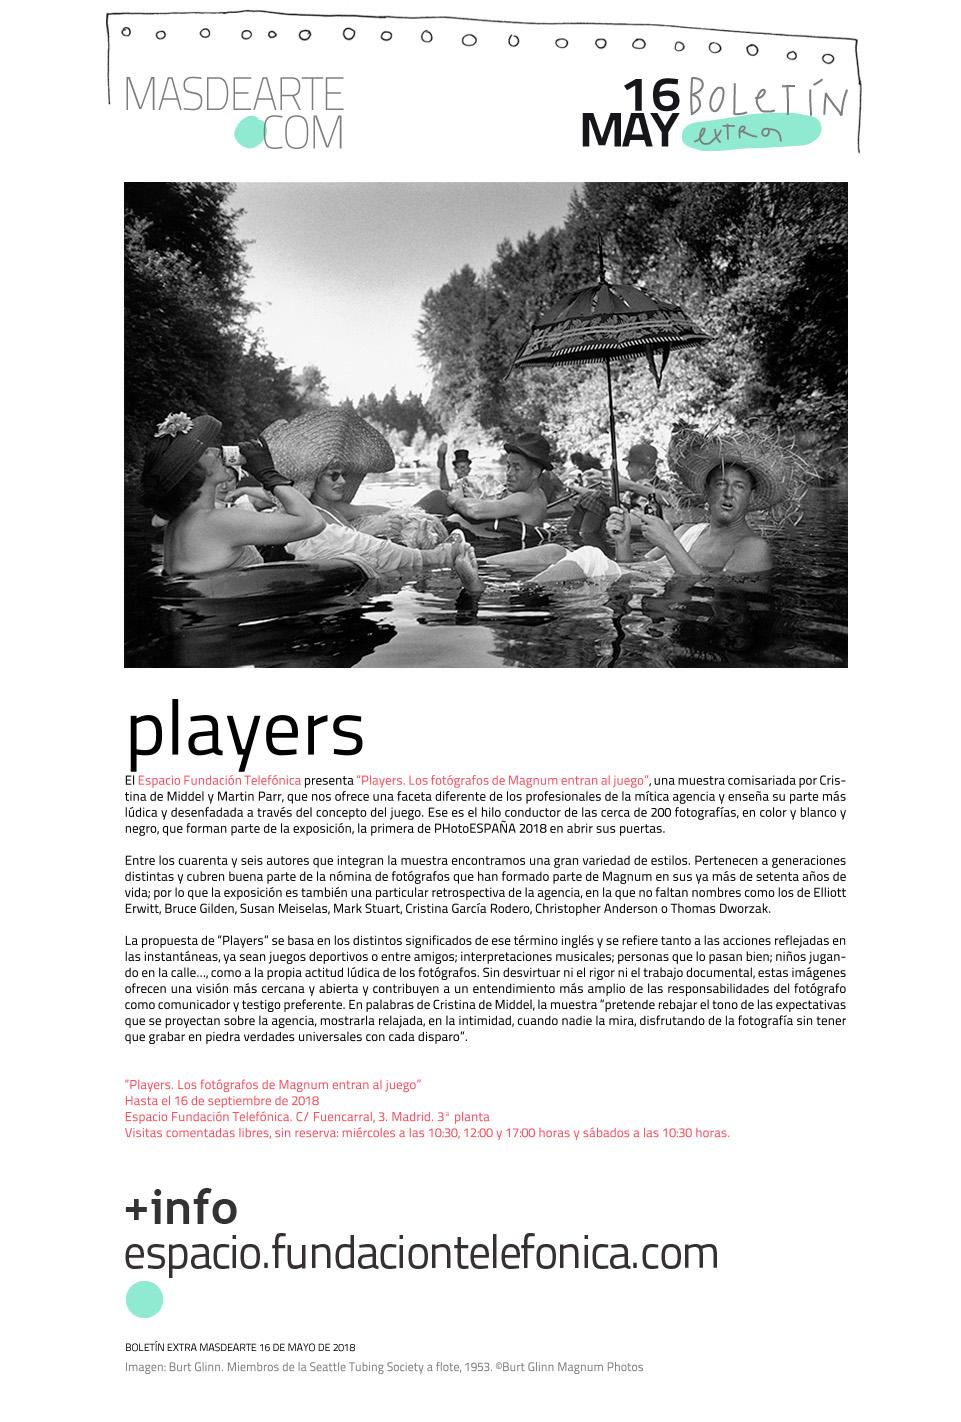 """""""Players. Los fotógrafos de Magnum entran al juego"""".  Espacio Fundación Telefónica, hasta el 16 de septiembre de 2018"""